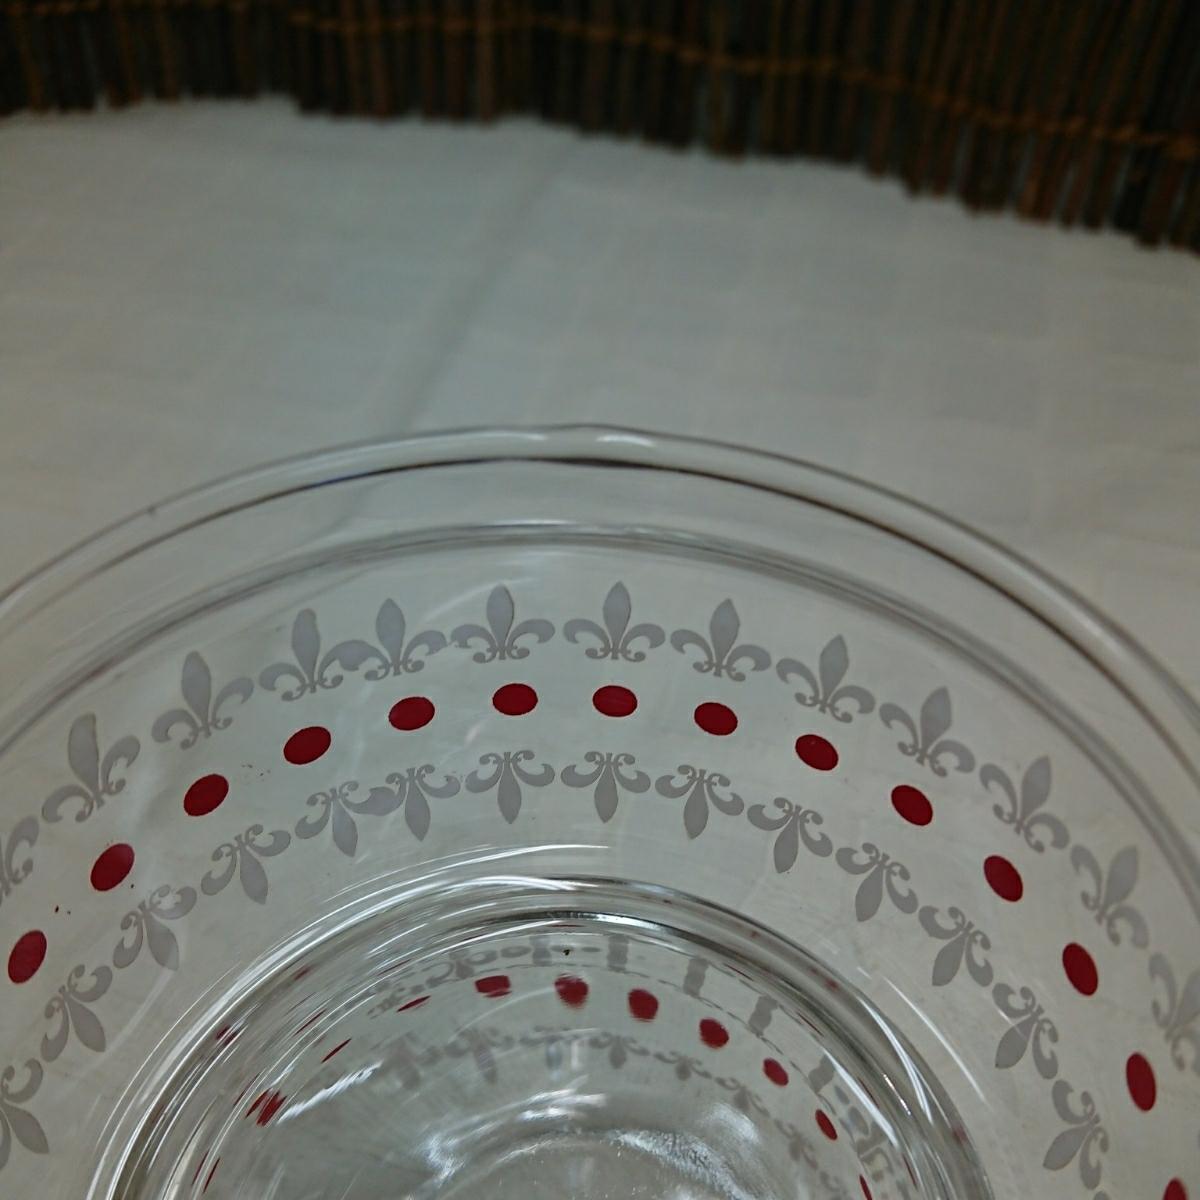 【未使用・デッドストック】アデリア ガラス スカーレット 2段シュガーポット2個 昭和レトロ (キャニスター 小物入れ キャンディ ジャー等)_画像4